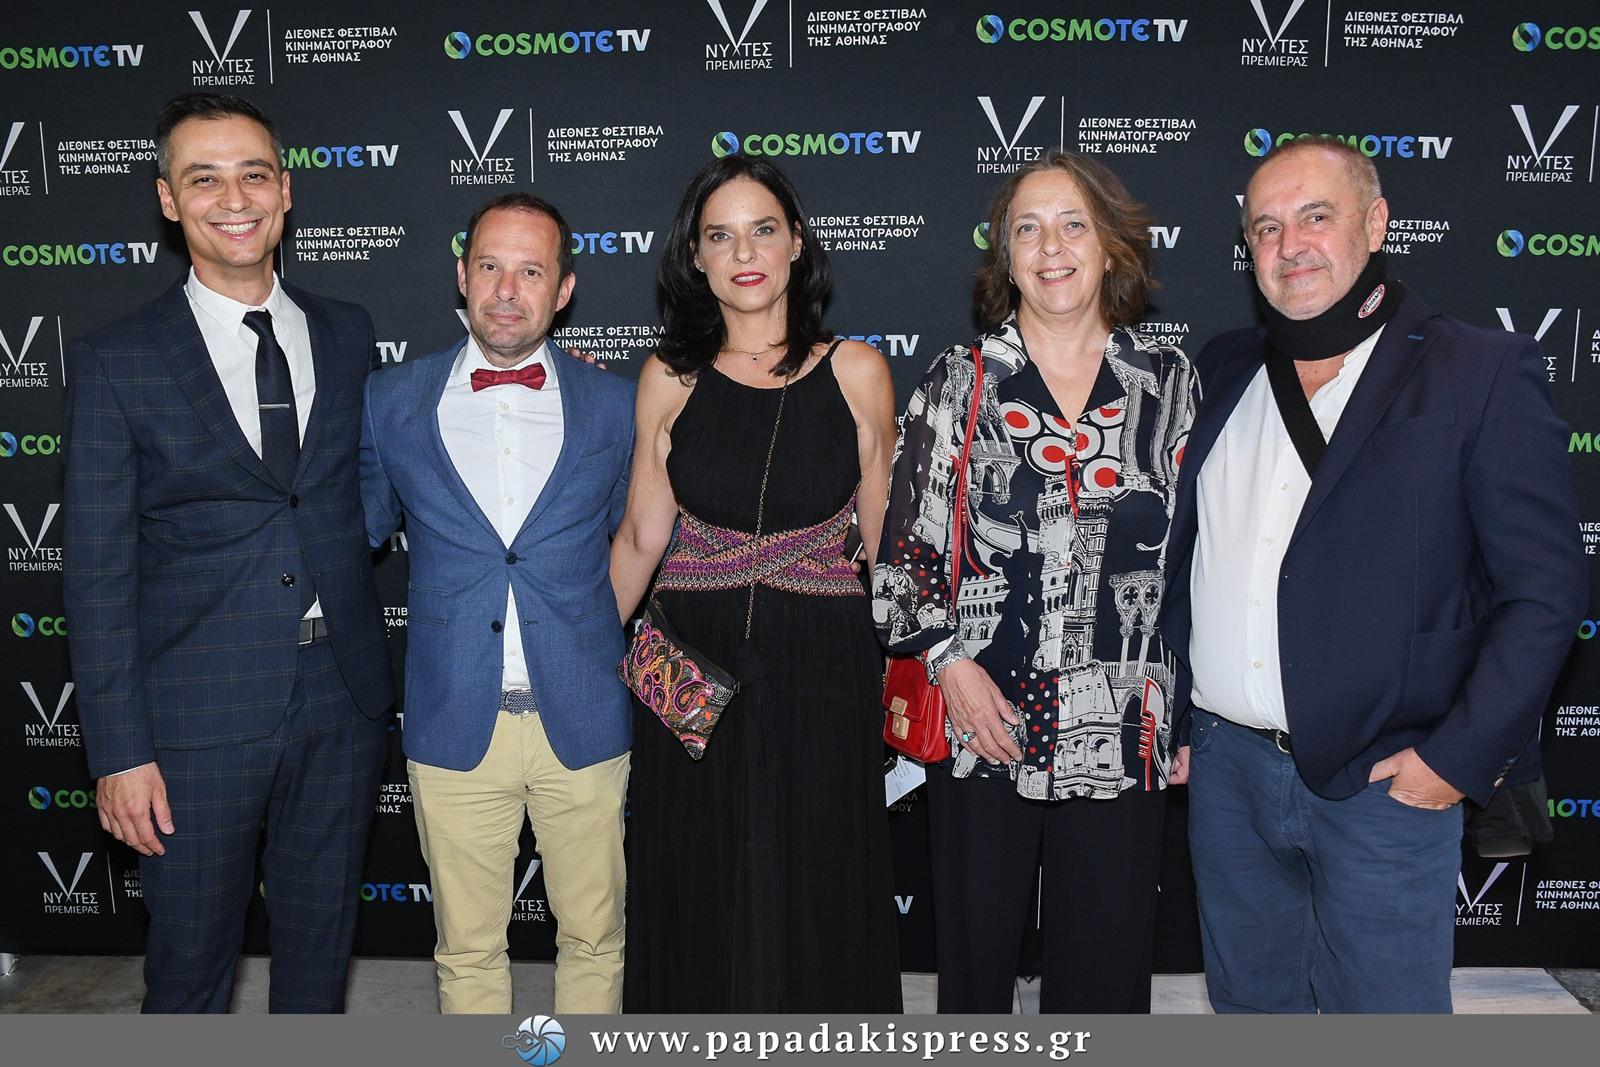 """Πρεμιέρα για το 25ο Διεθνές Φεστιβάλ Κινηματογράφου της Αθήνας """"Νύχτες Πρεμιέρας"""""""